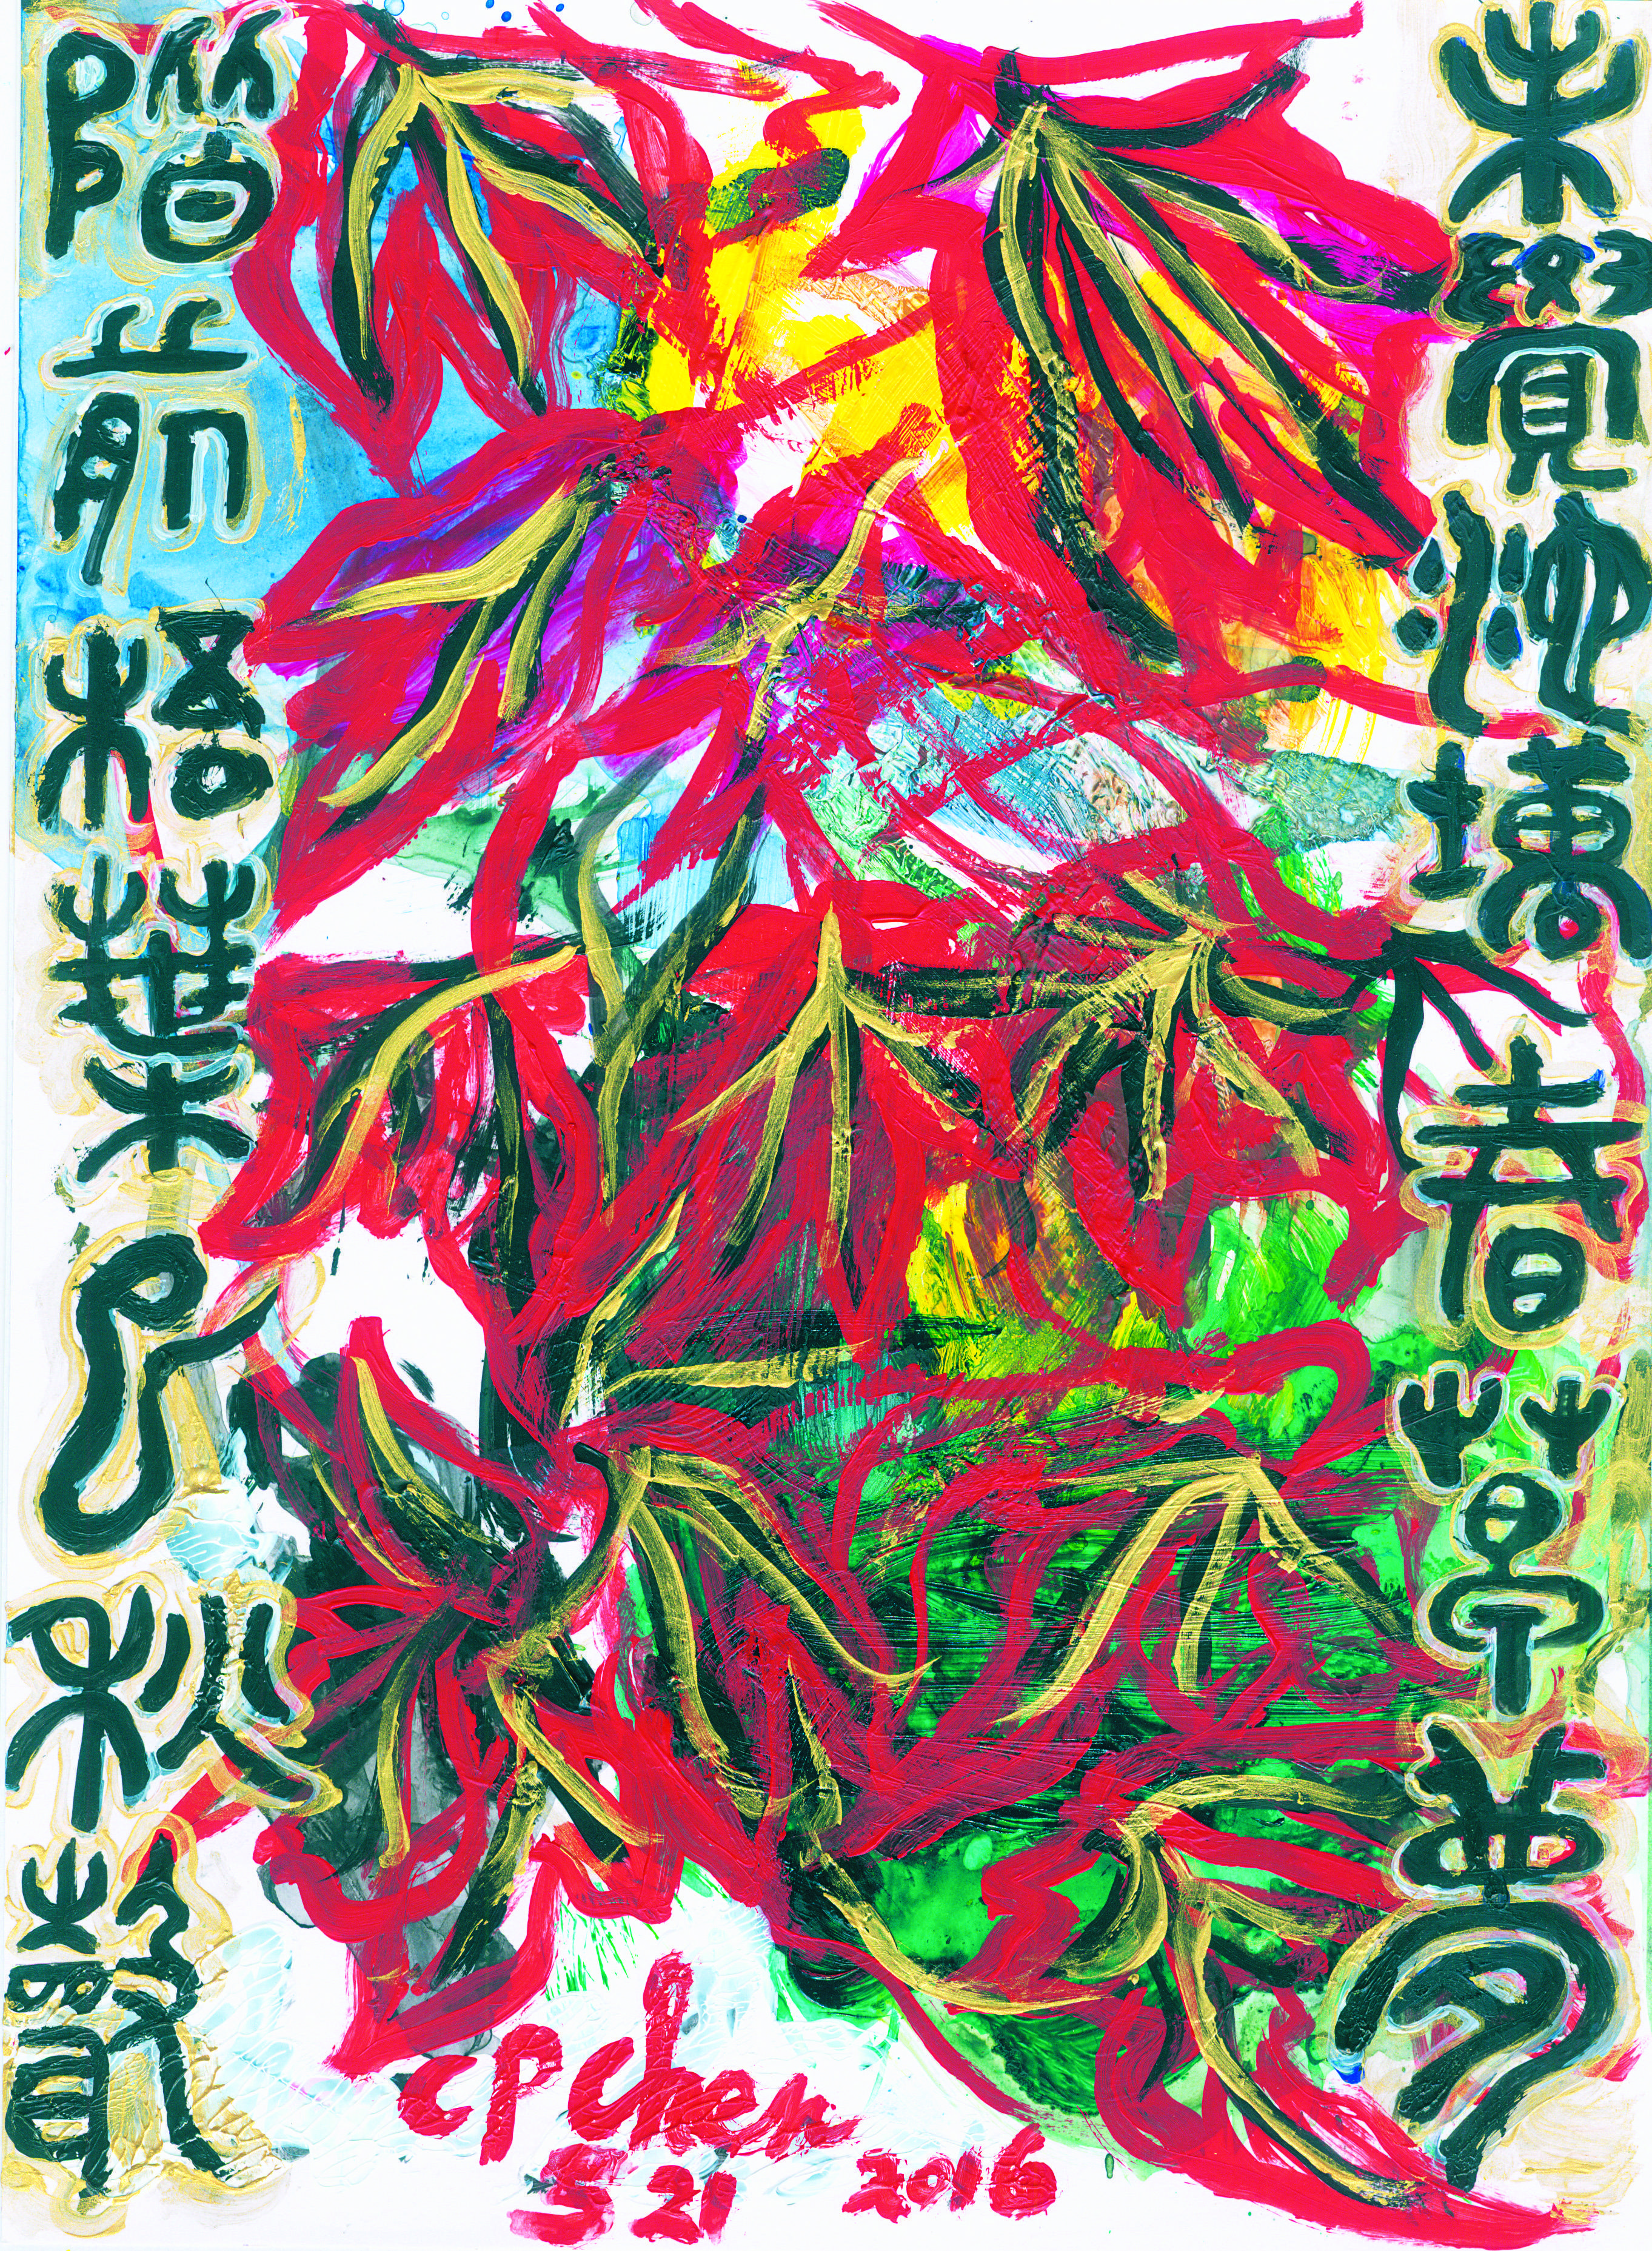 【未覺池塘春草夢 階前梧葉已秋聲(明.朱熹)】25.5x35cm / B4紙 / 壓克力顏料 /2016年